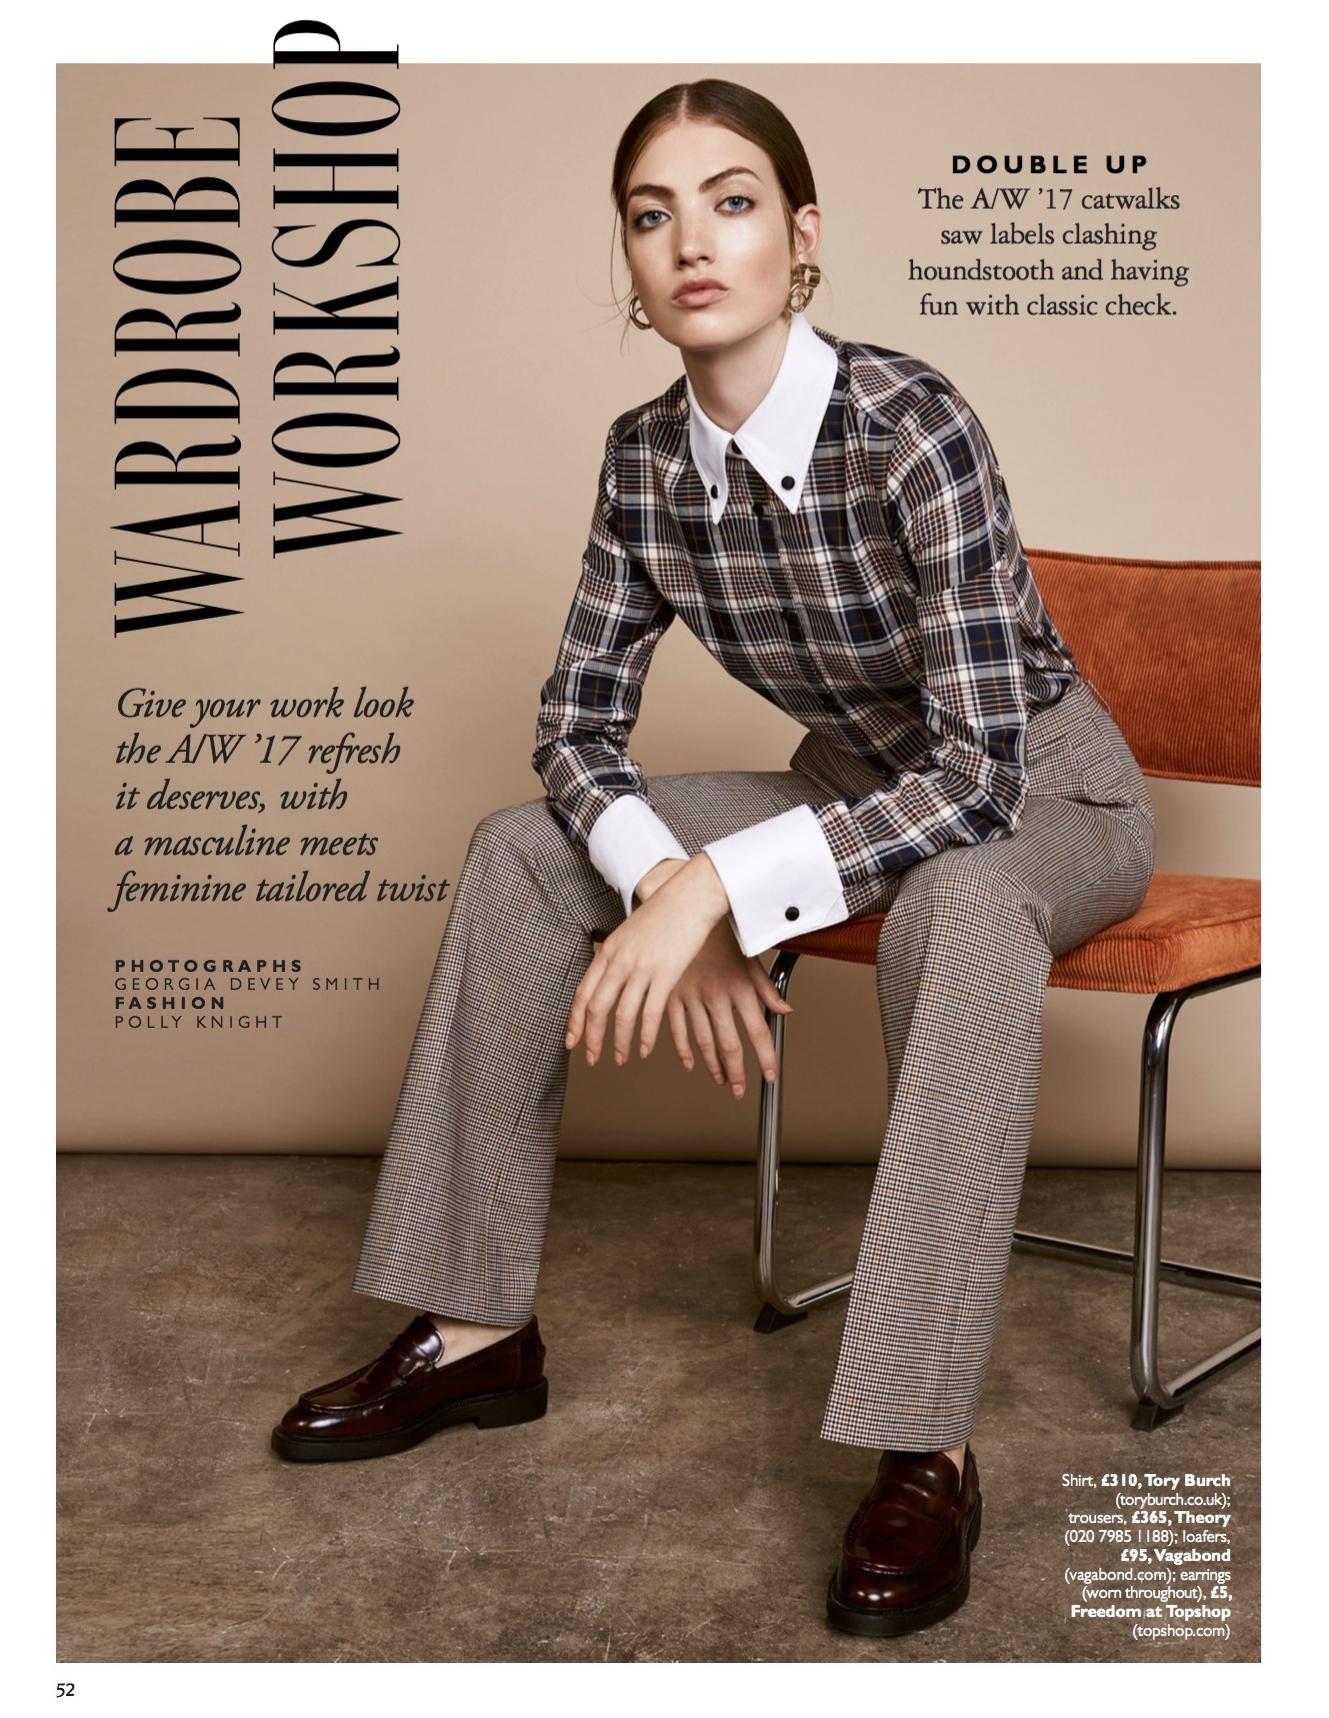 Fashion_Wardrobe Workshop Workwear_pdf_1 copy.jpg